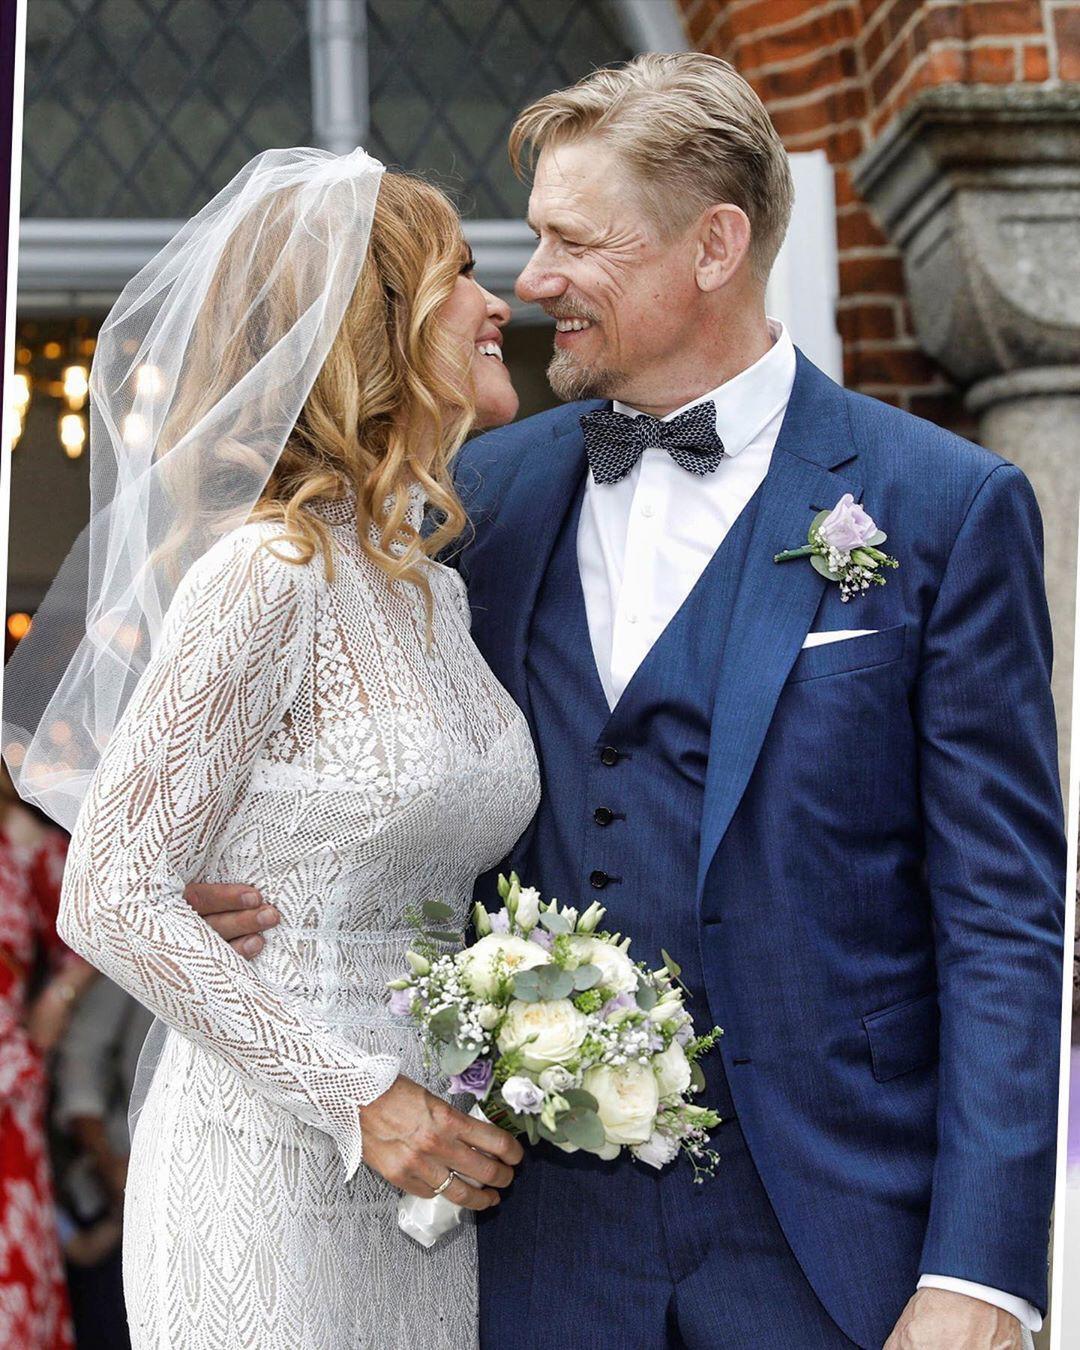 Chán cảnh độc thân, dàn sao bóng đá thi nhau cưới vợ trong hè này - Ảnh 10.